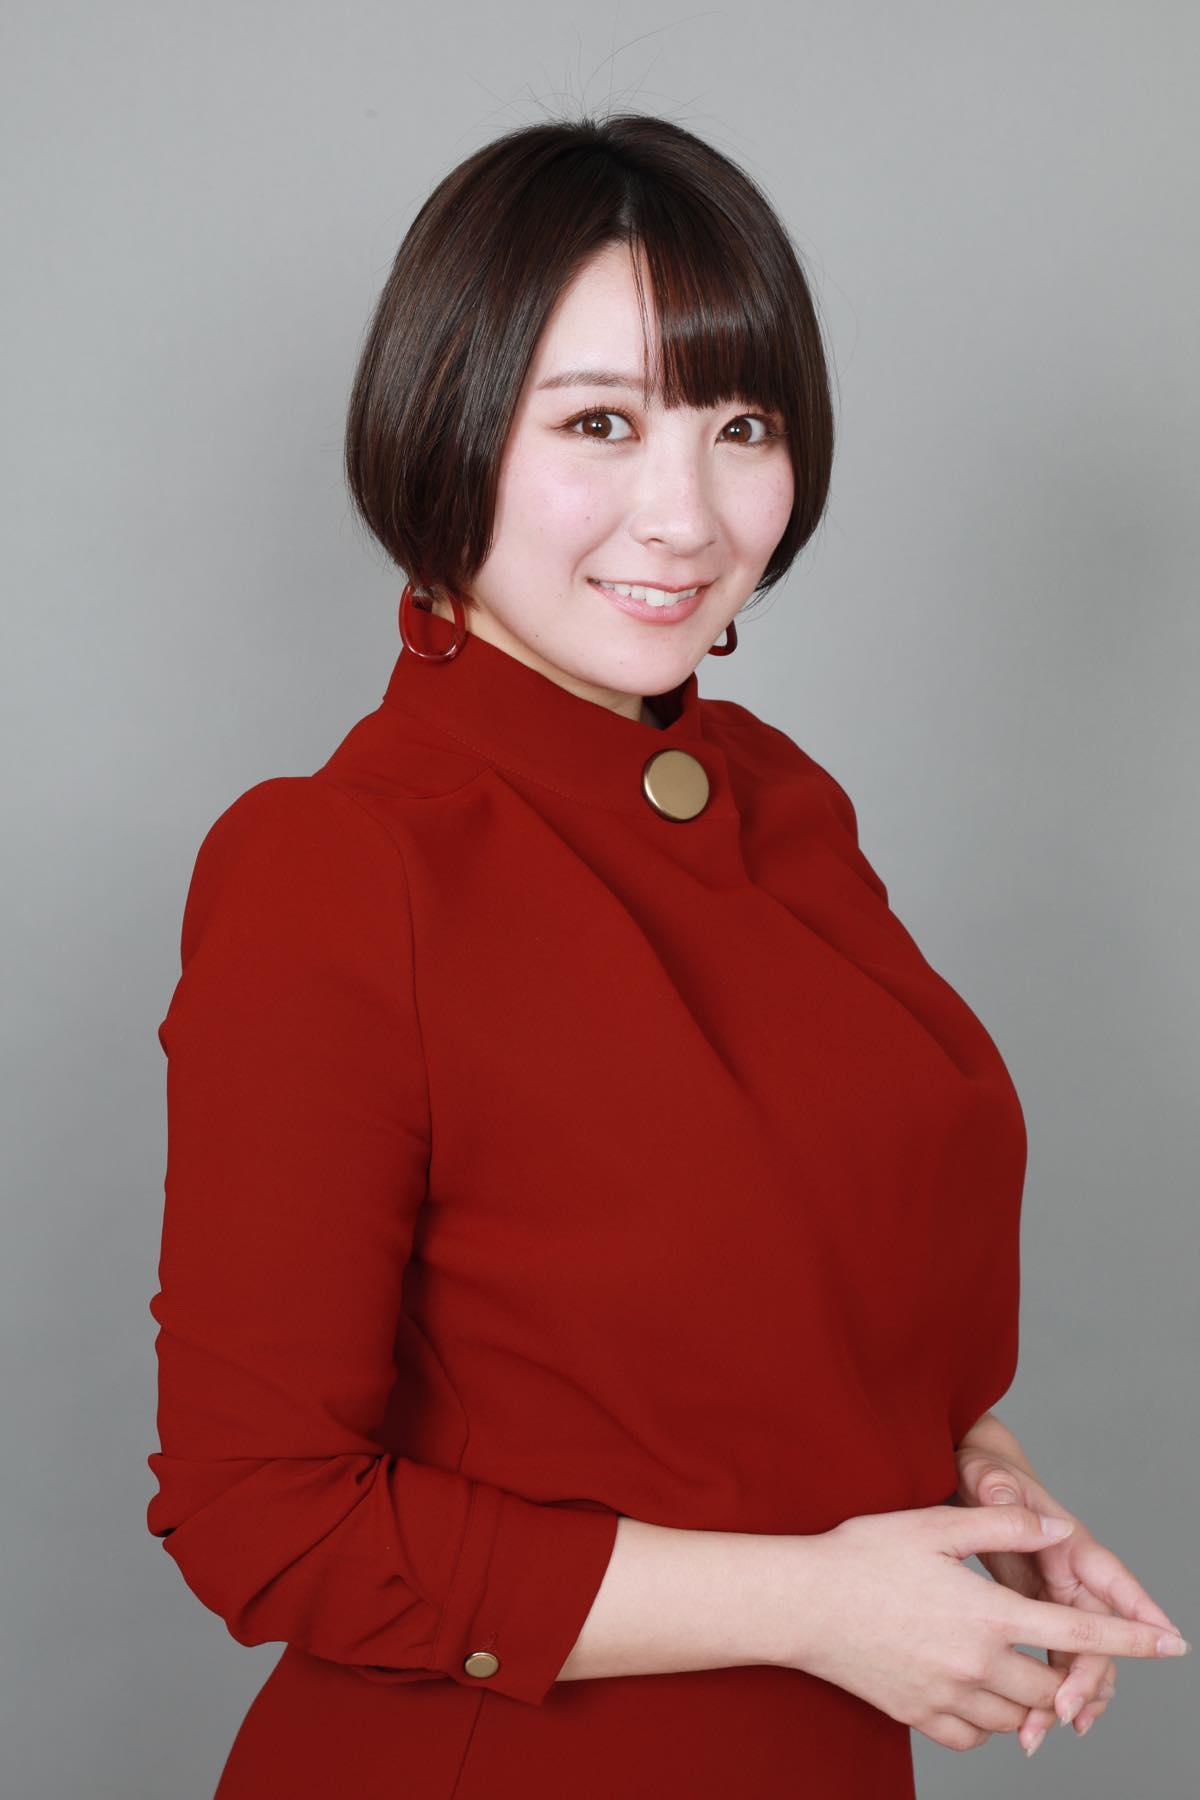 「105cmバスト」紺野栞の画像34